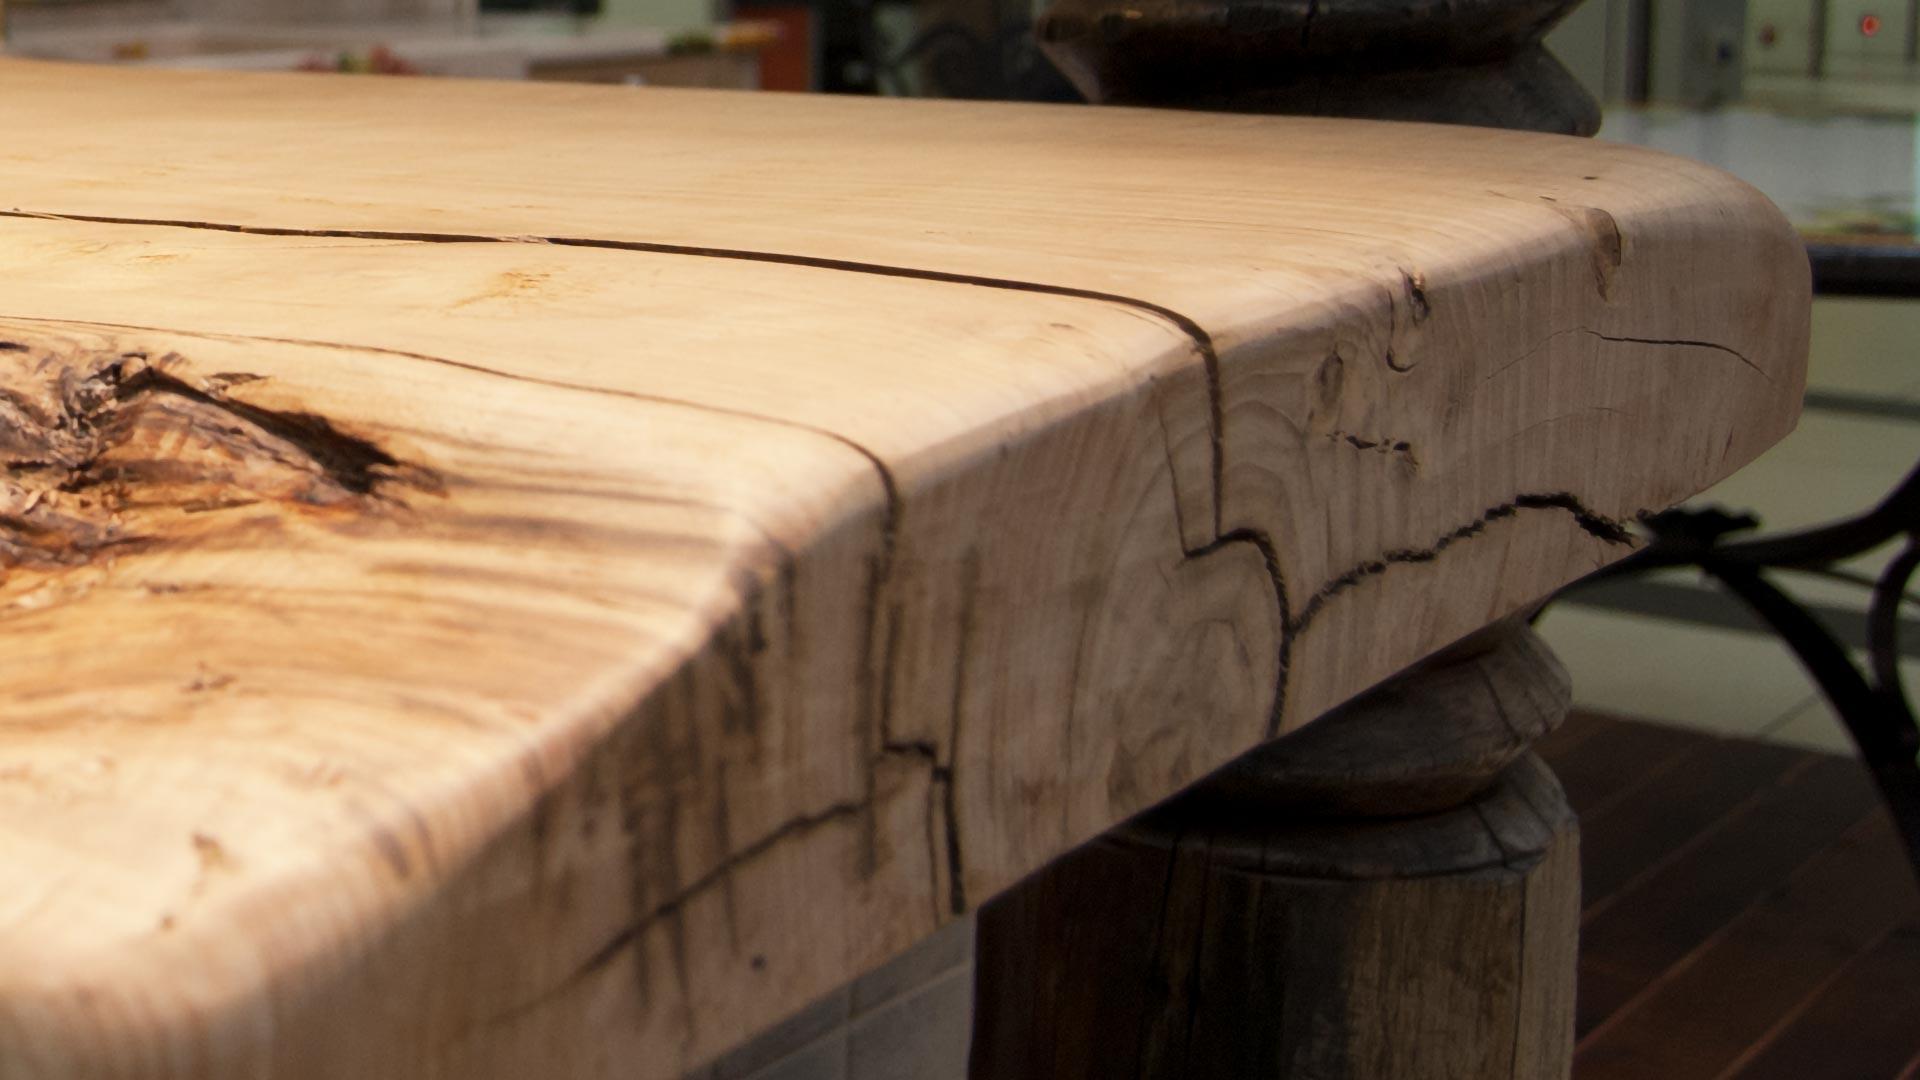 Ante cucina in legno massello - Cucine su misura | Catalogo Artesole